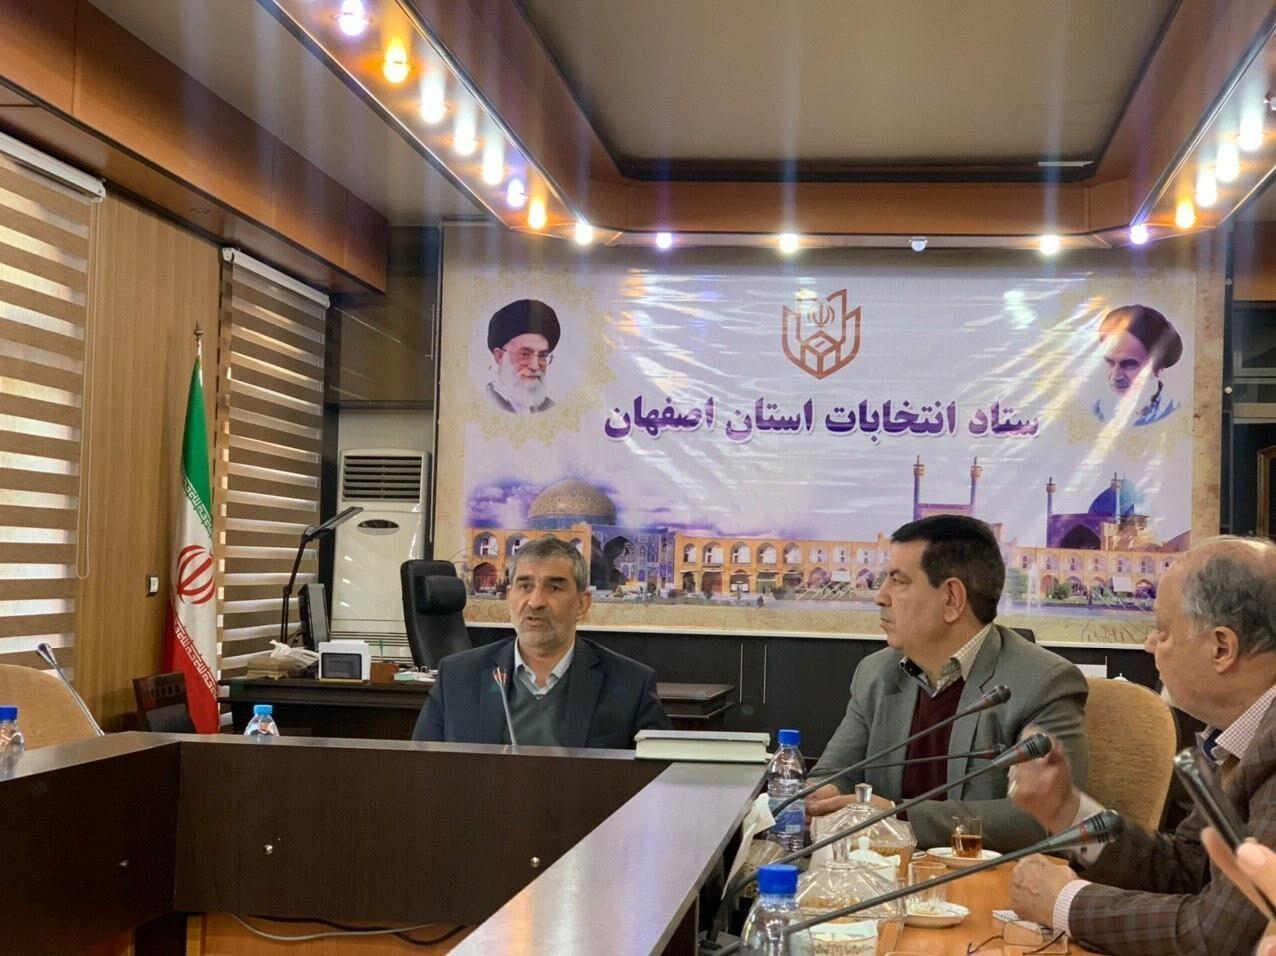 رییس ستاد انتخابات اصفهان: مسائل چالشی نباید فضای پرشور انتخاباتی را بر هم بزند